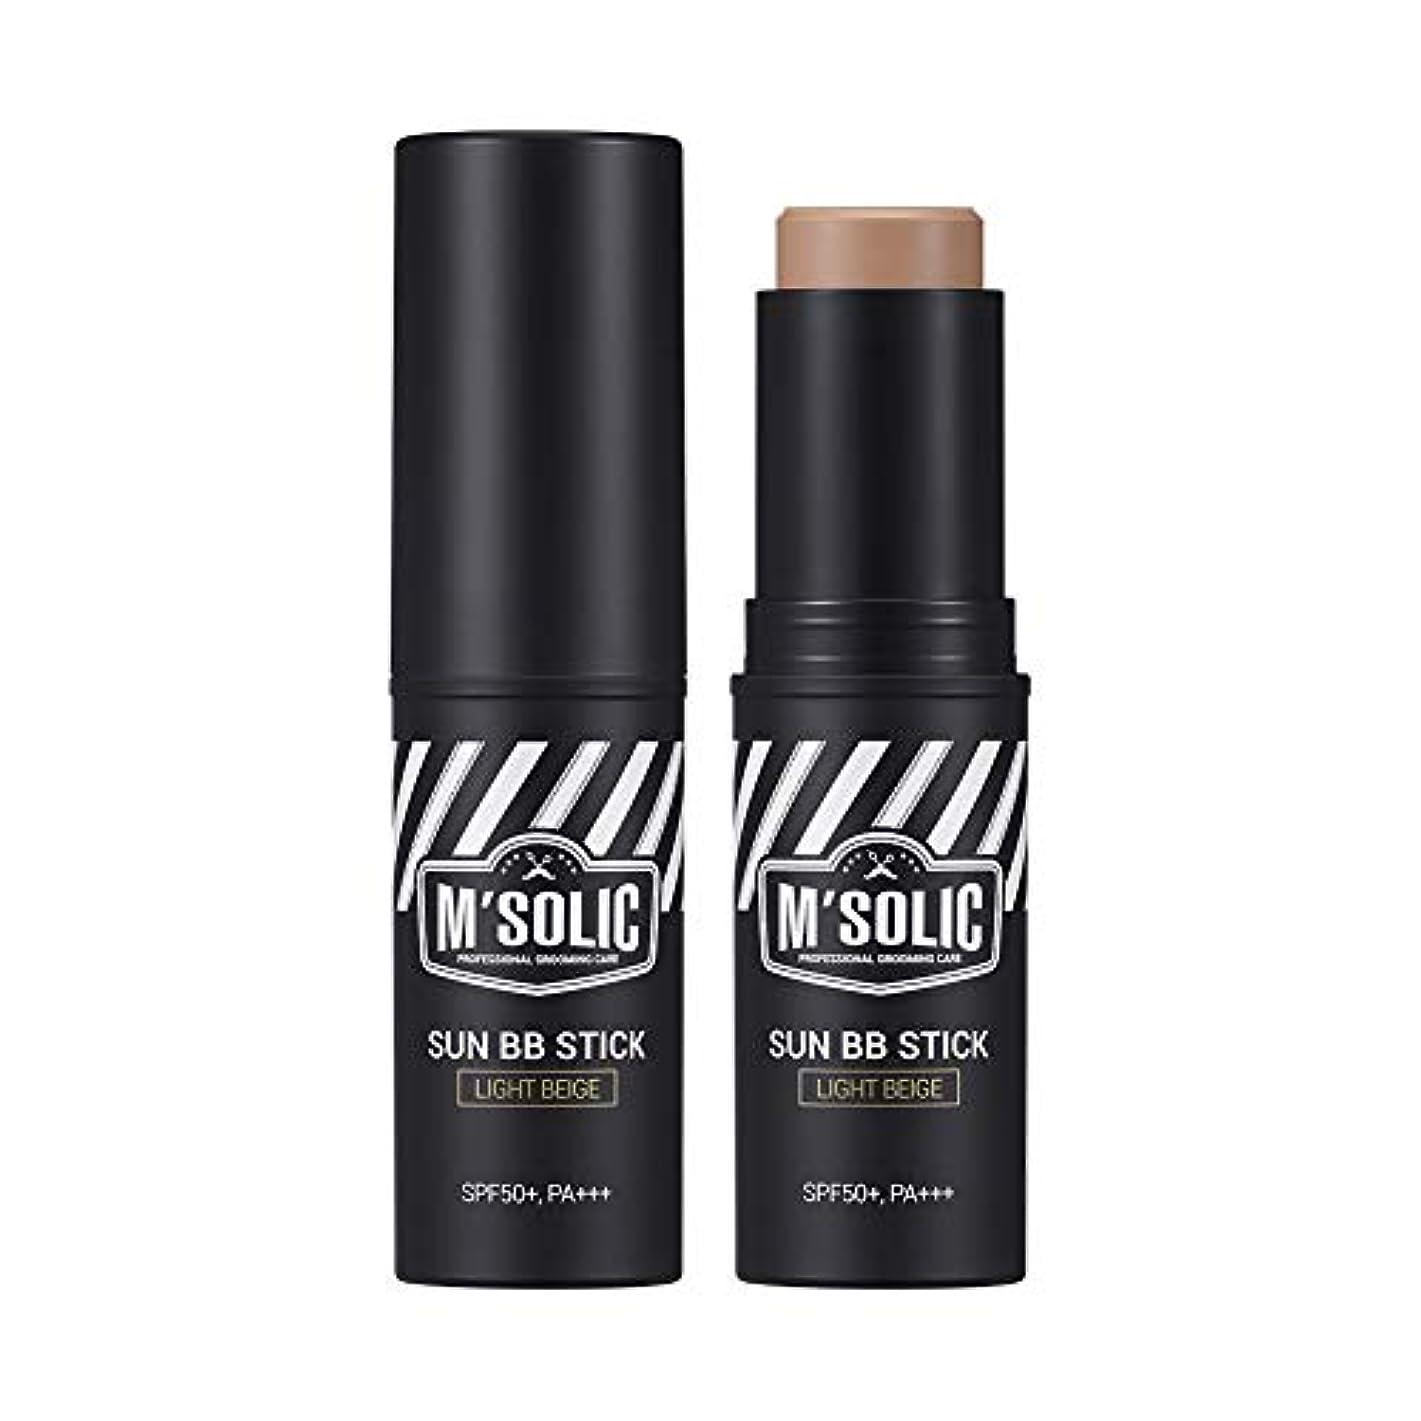 満足できるとげのあるほのめかす【SNP公式】 M'SOLIC サン BBスティック/M'SOLIC SUN BB STICK_ LIGHT BEIGE メンズ 韓国コスメ BBスティック サンブロック トーンアップ 男性 スキンケア グルーミング